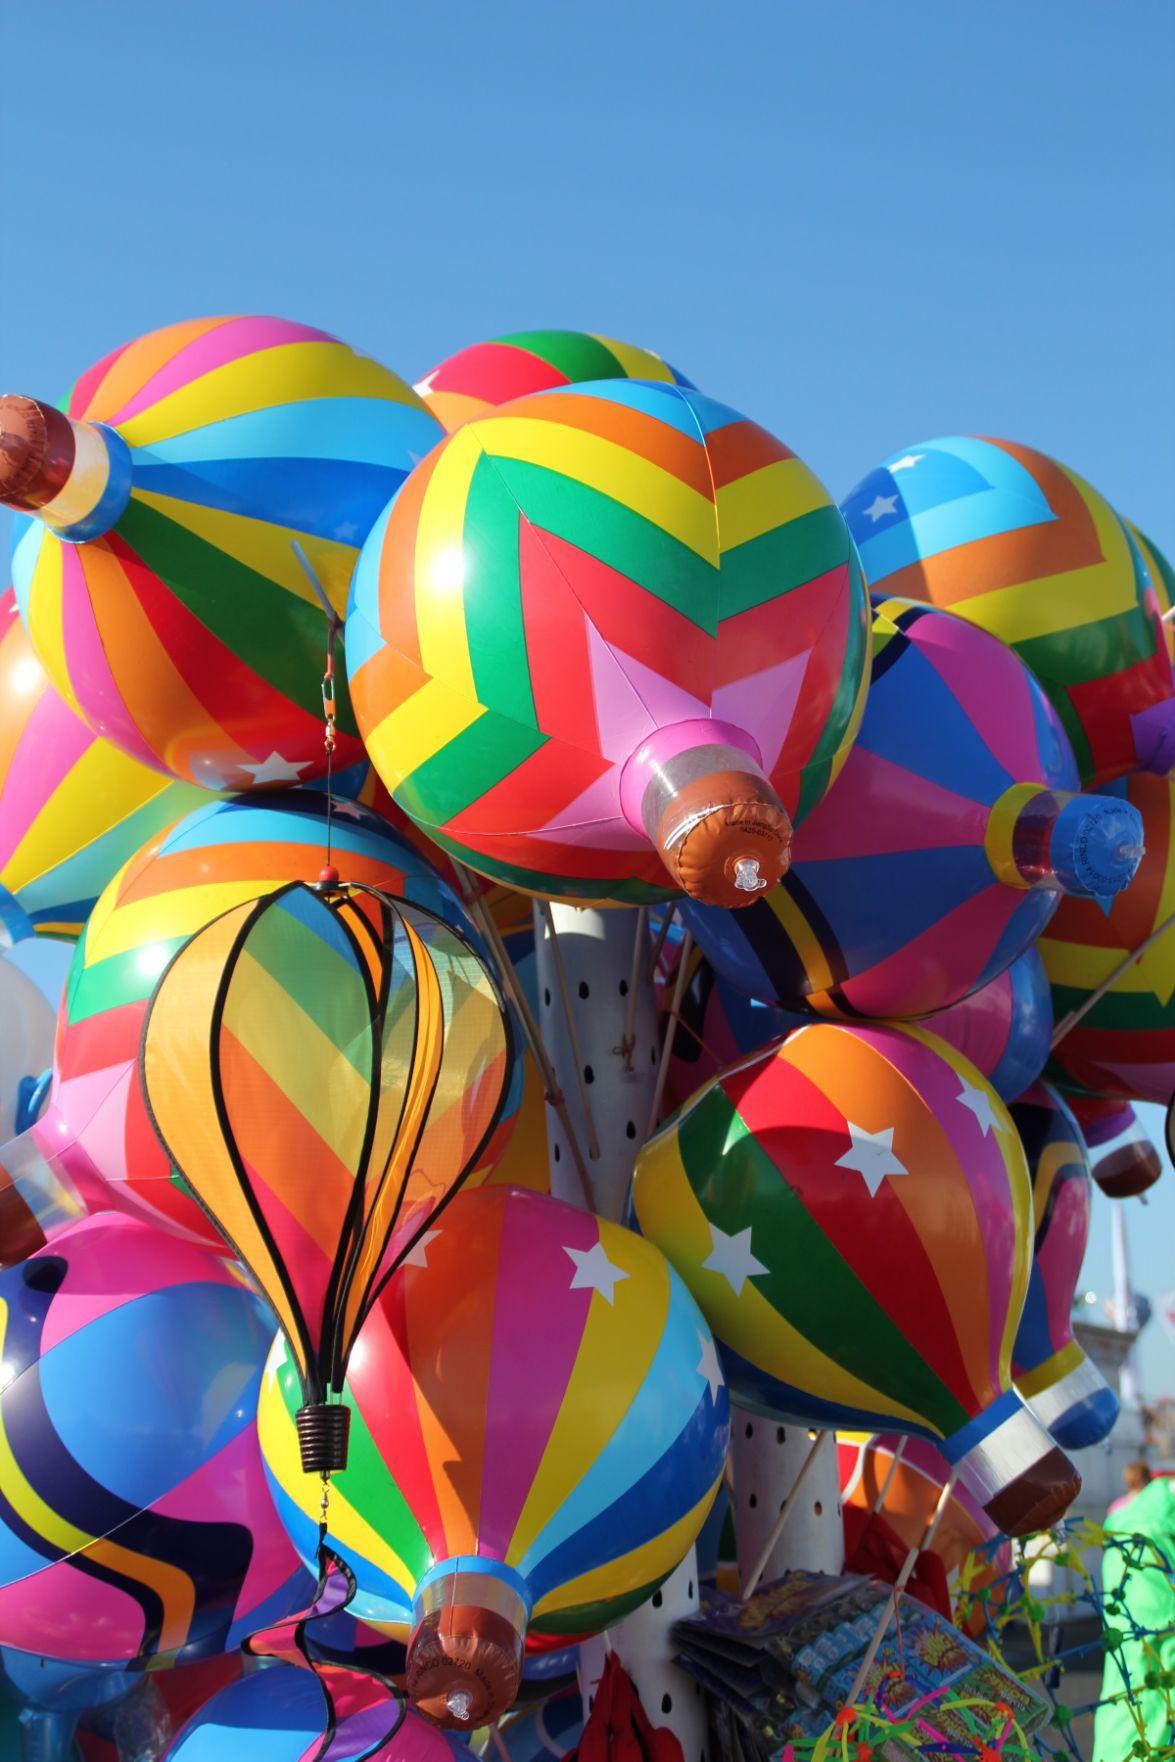 'Balloon Kaleidoscope'